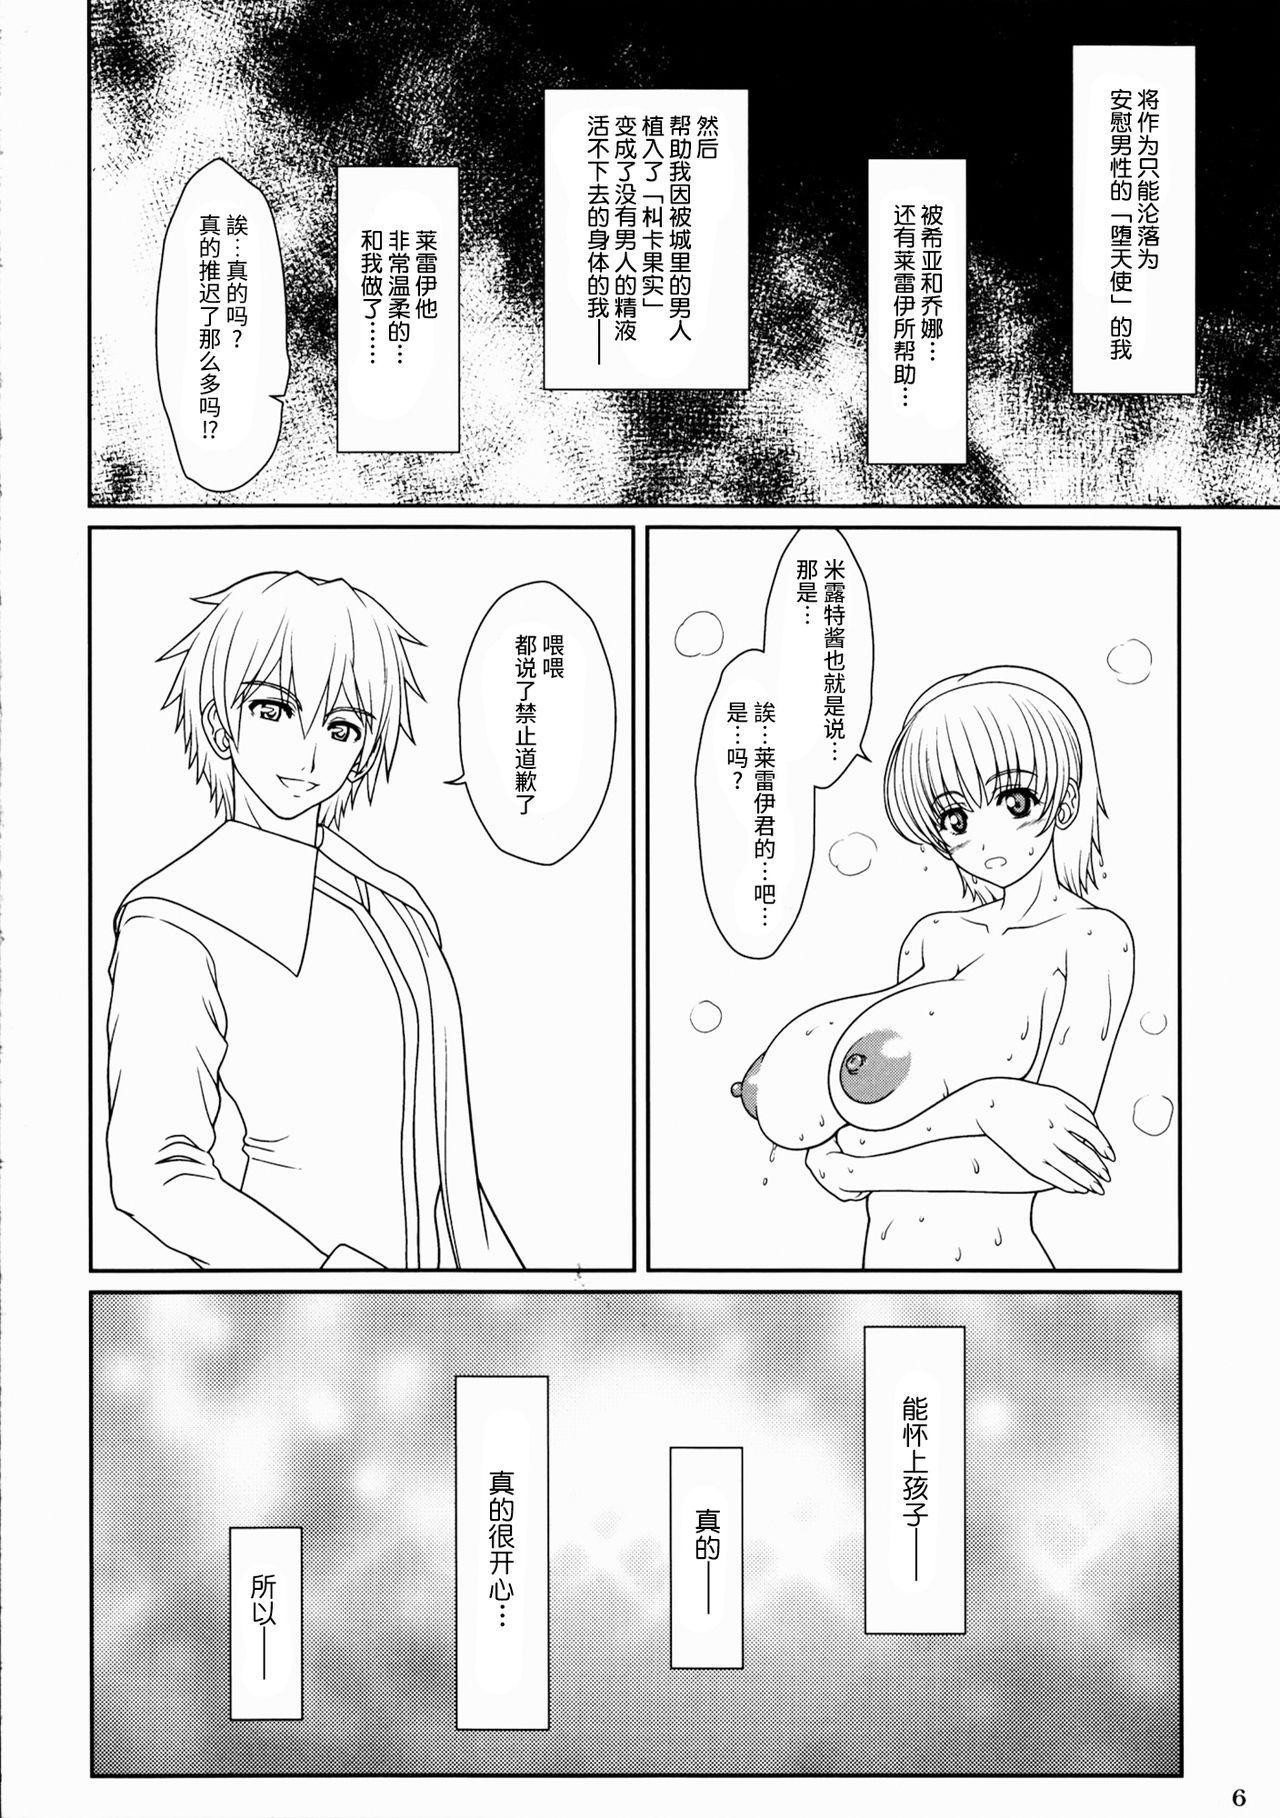 Ninpu Dorei no Shoukan Seikatsu 5